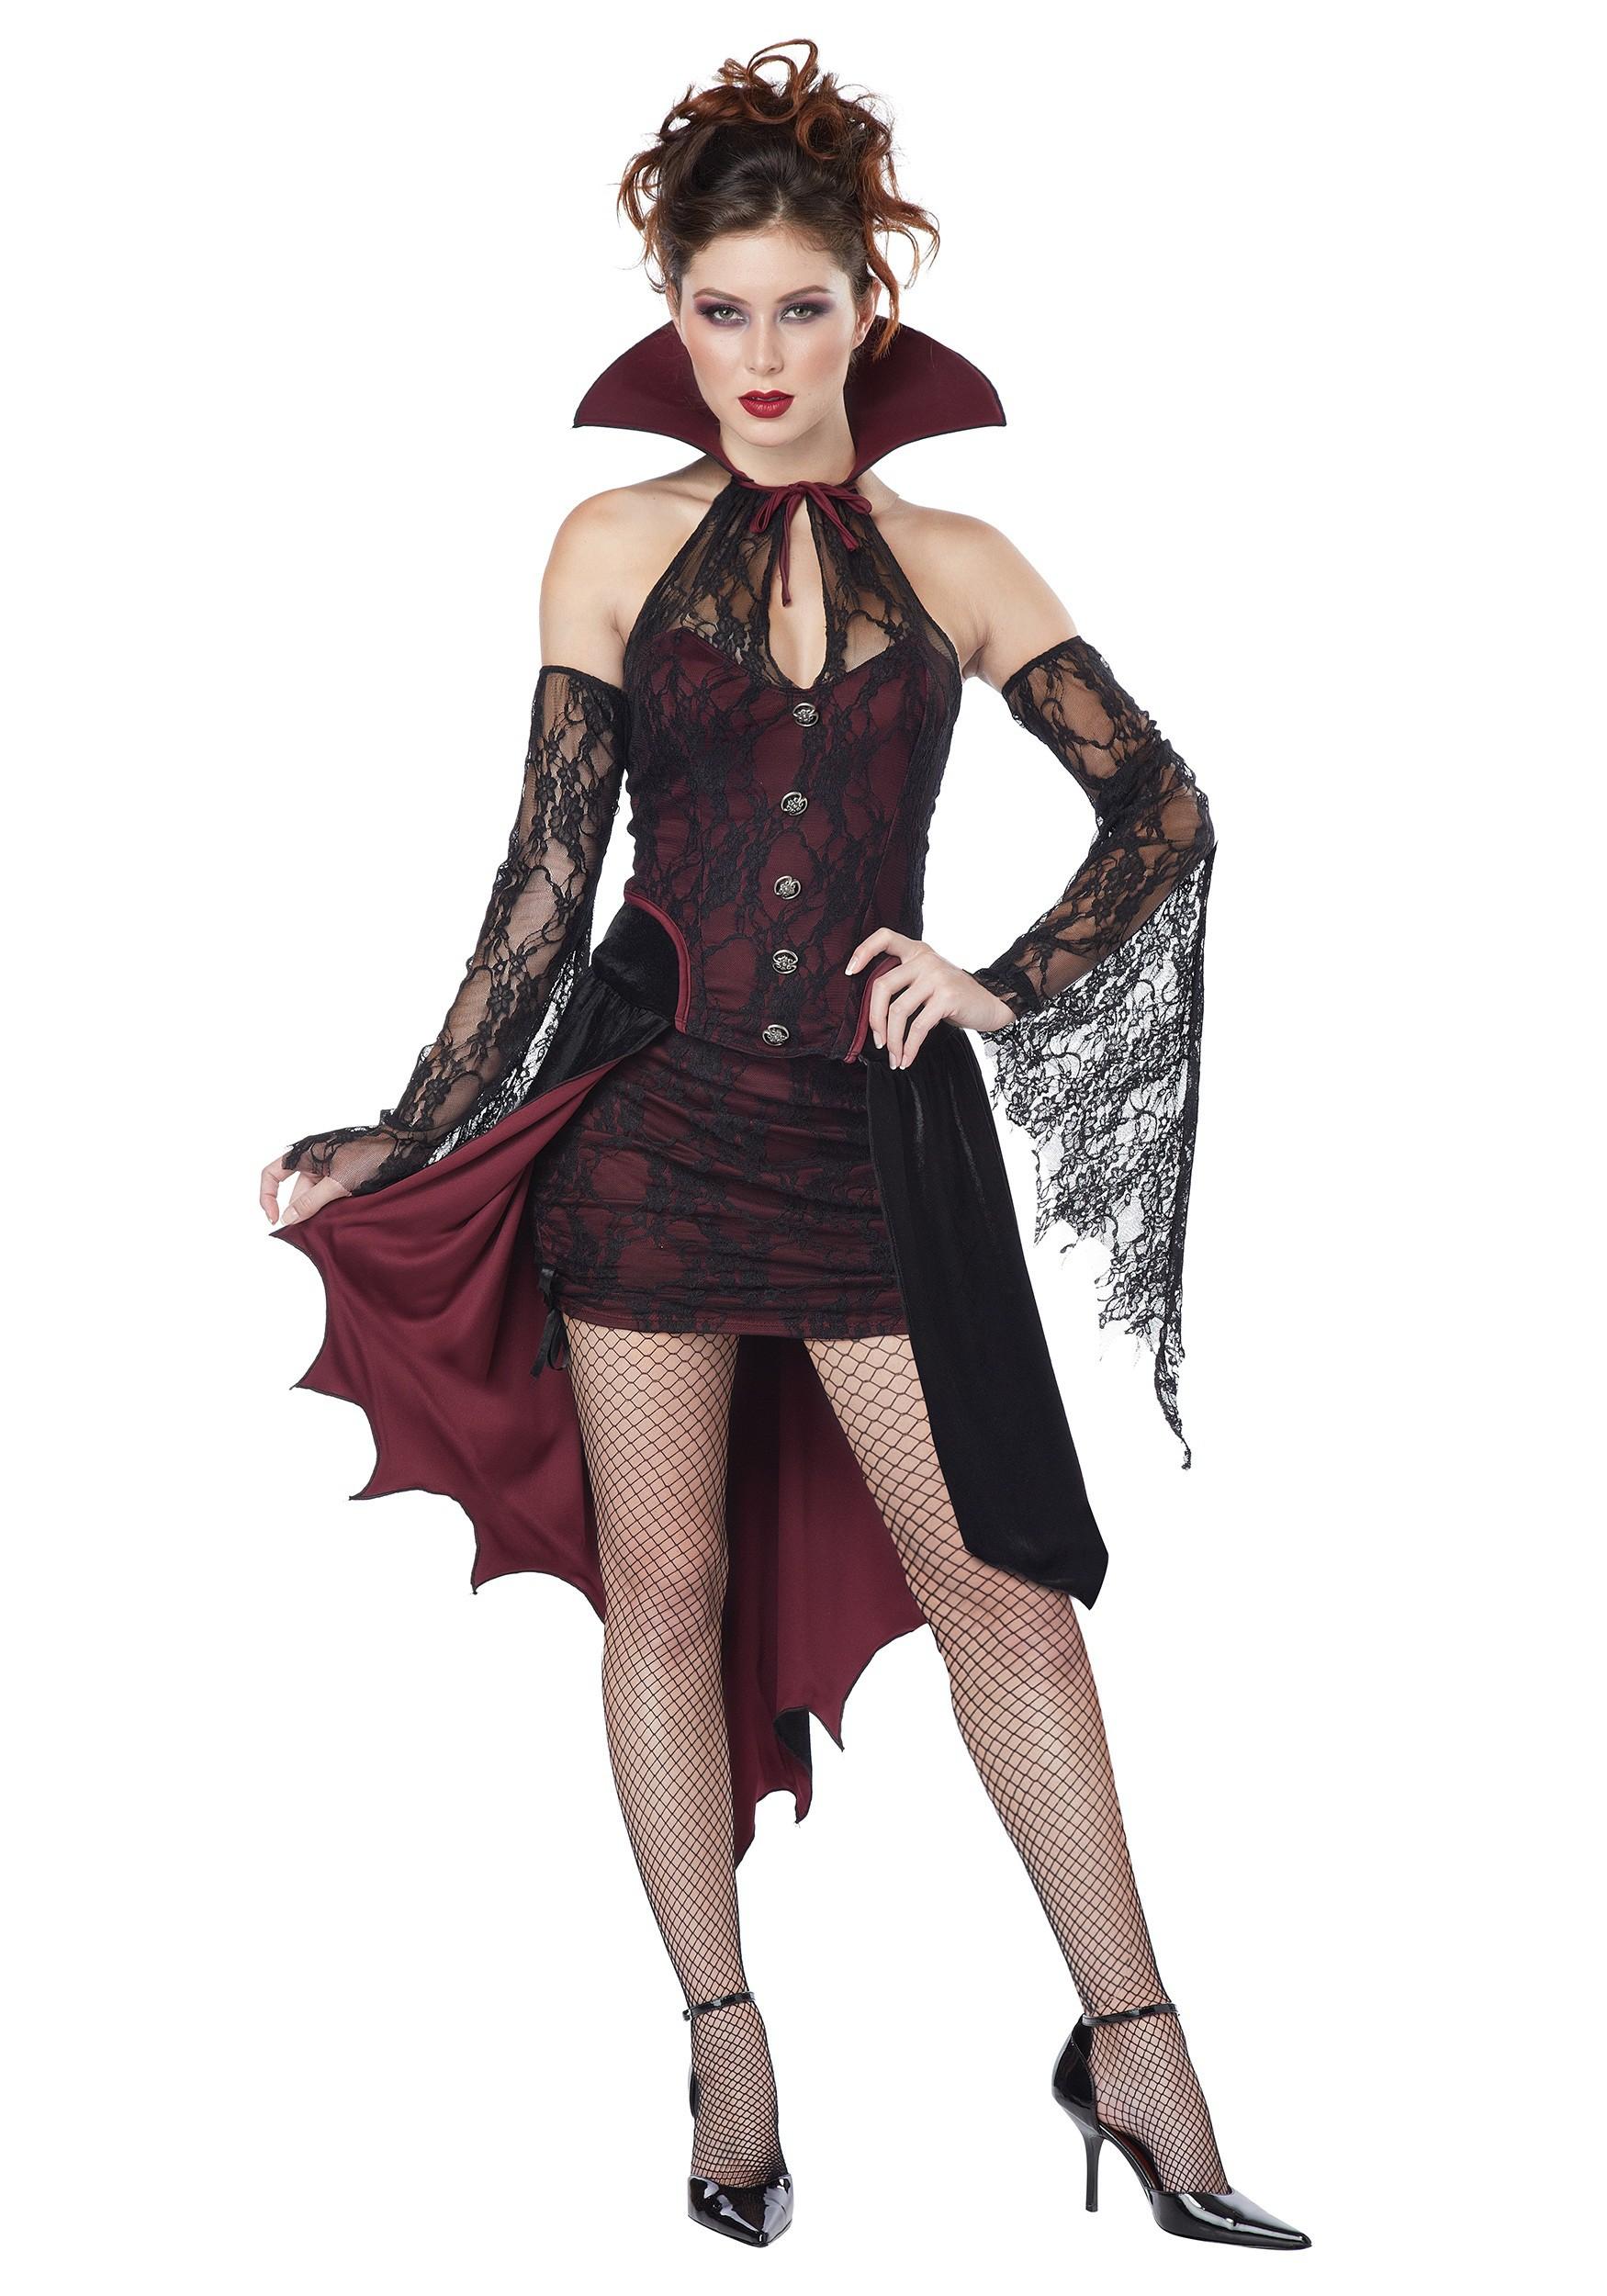 Bloody vixen vampire romper vamp sexy adult women's halloween costume xs